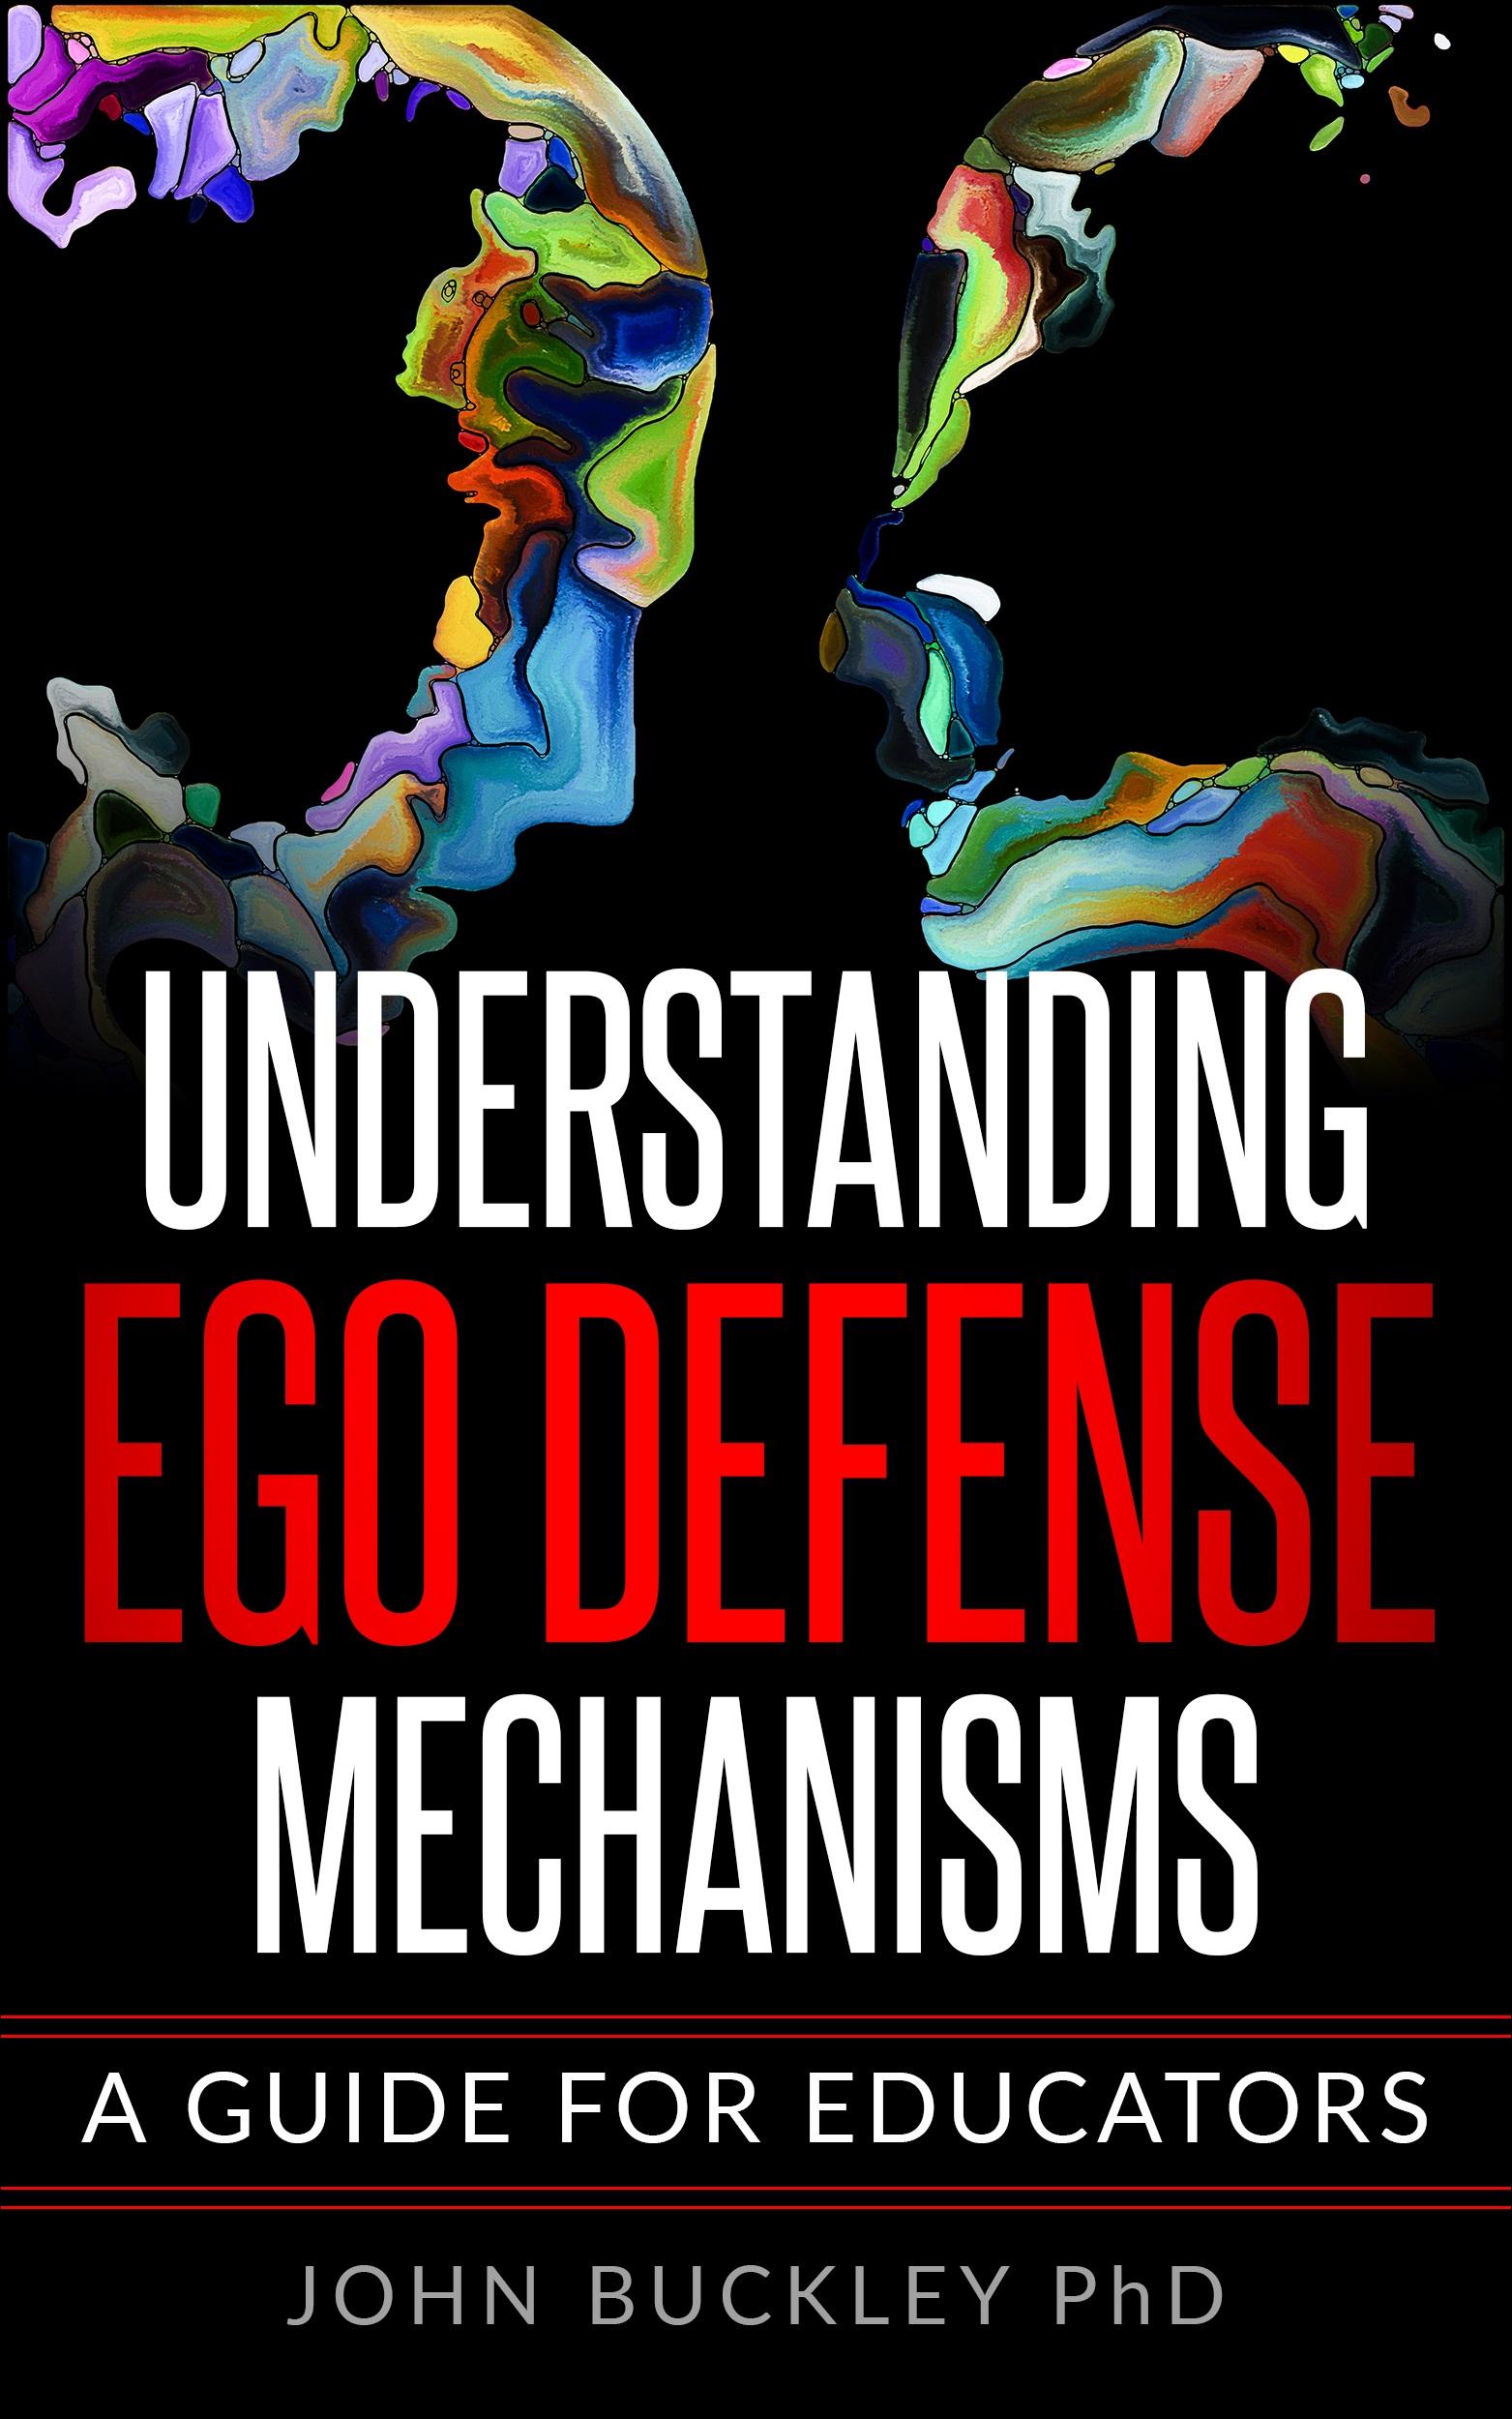 Johnbuckley550+_Understanding+Ego+Defence+Mechanisms+%282%29.jpg